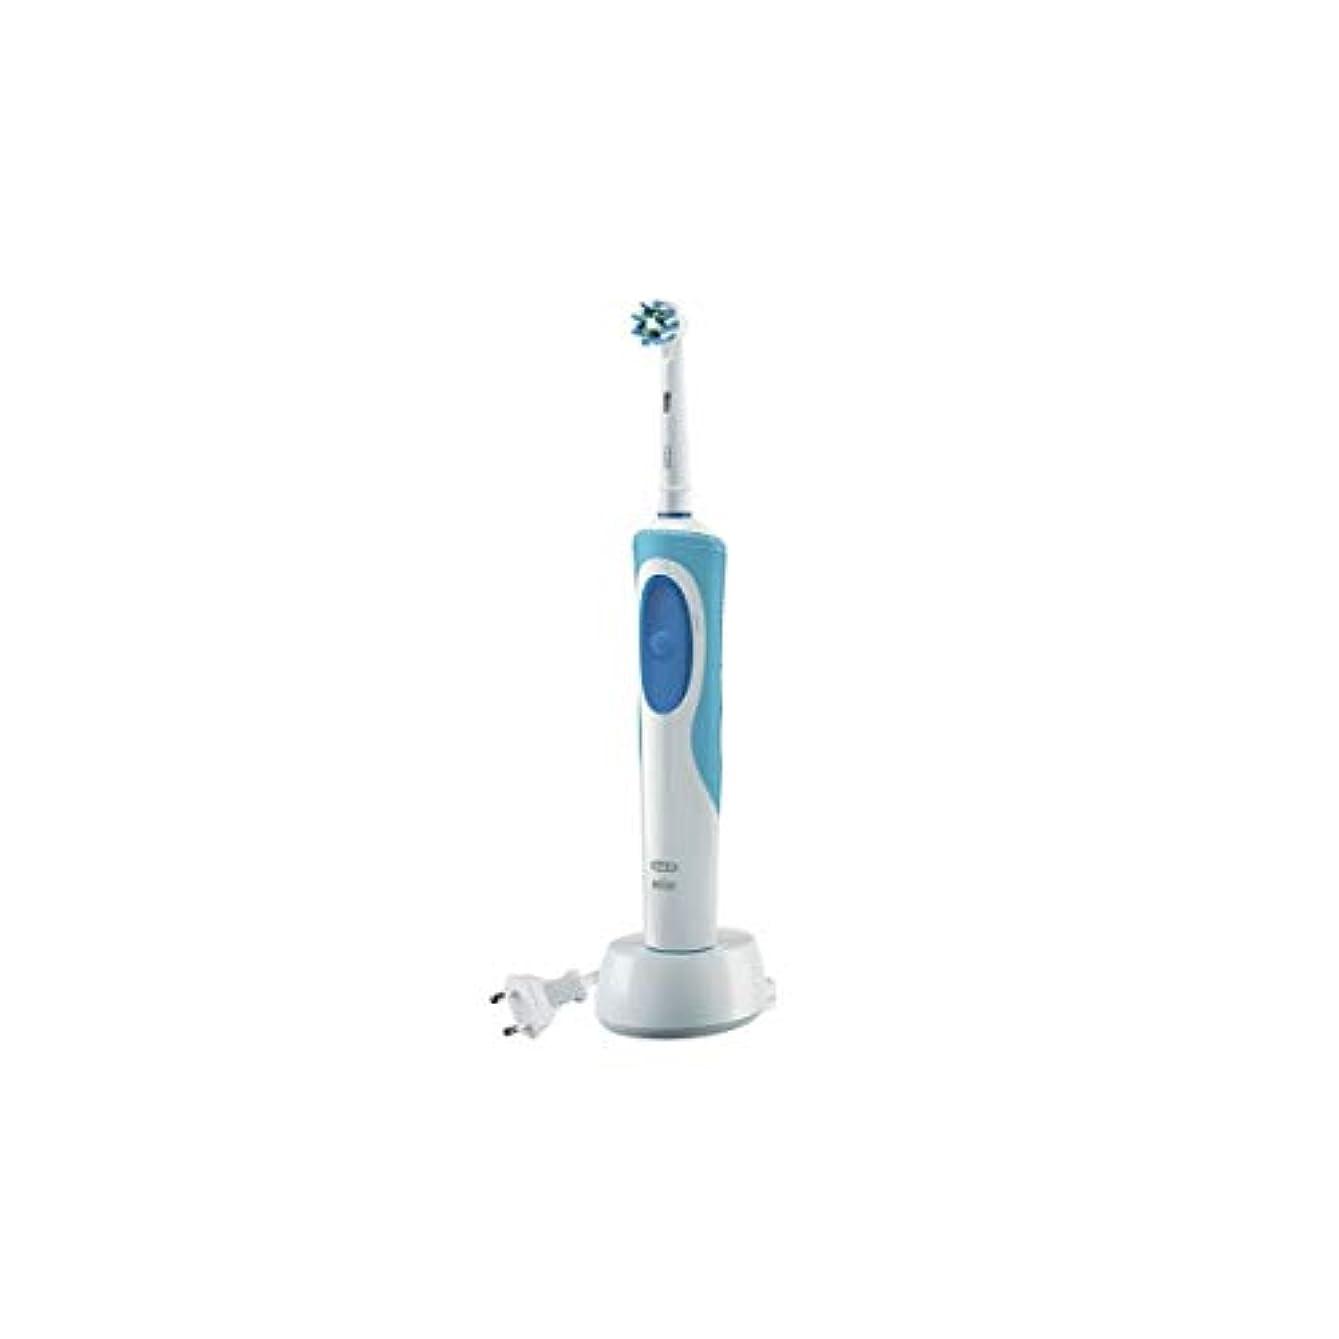 火山戦略落ち込んでいるOral B Vitality Cross Action Electric Toothbrush [並行輸入品]